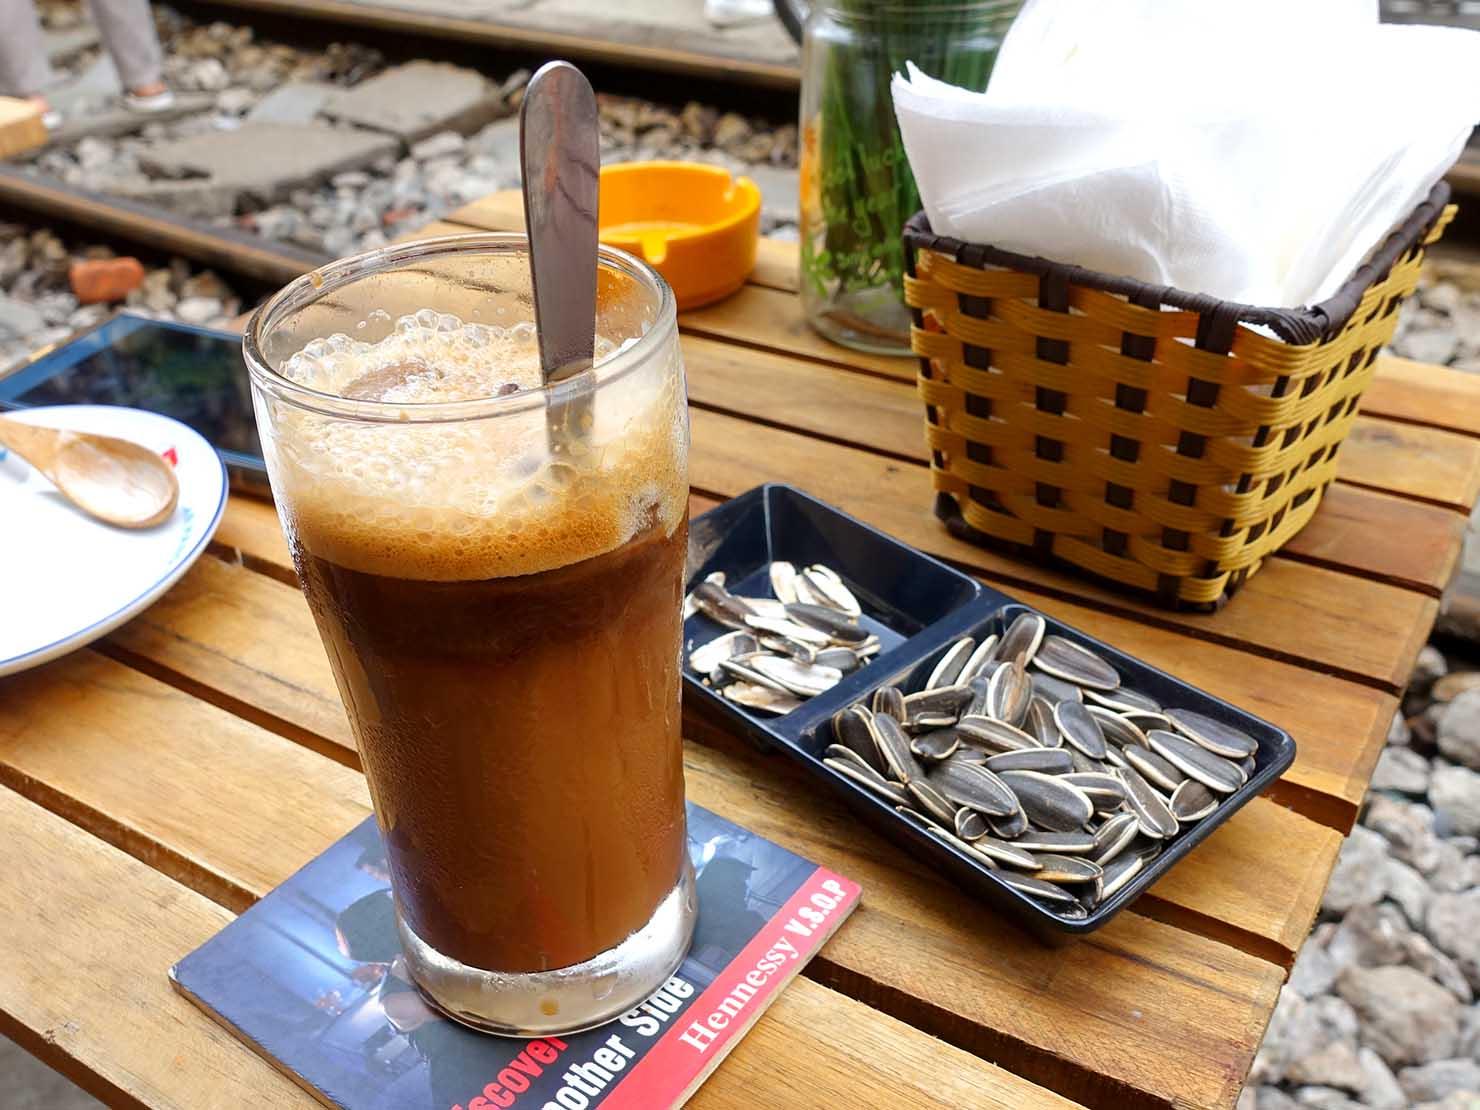 ベトナム・ハノイ旧市街にあるトレインストリートのカフェで飲んだベトナムコーヒー